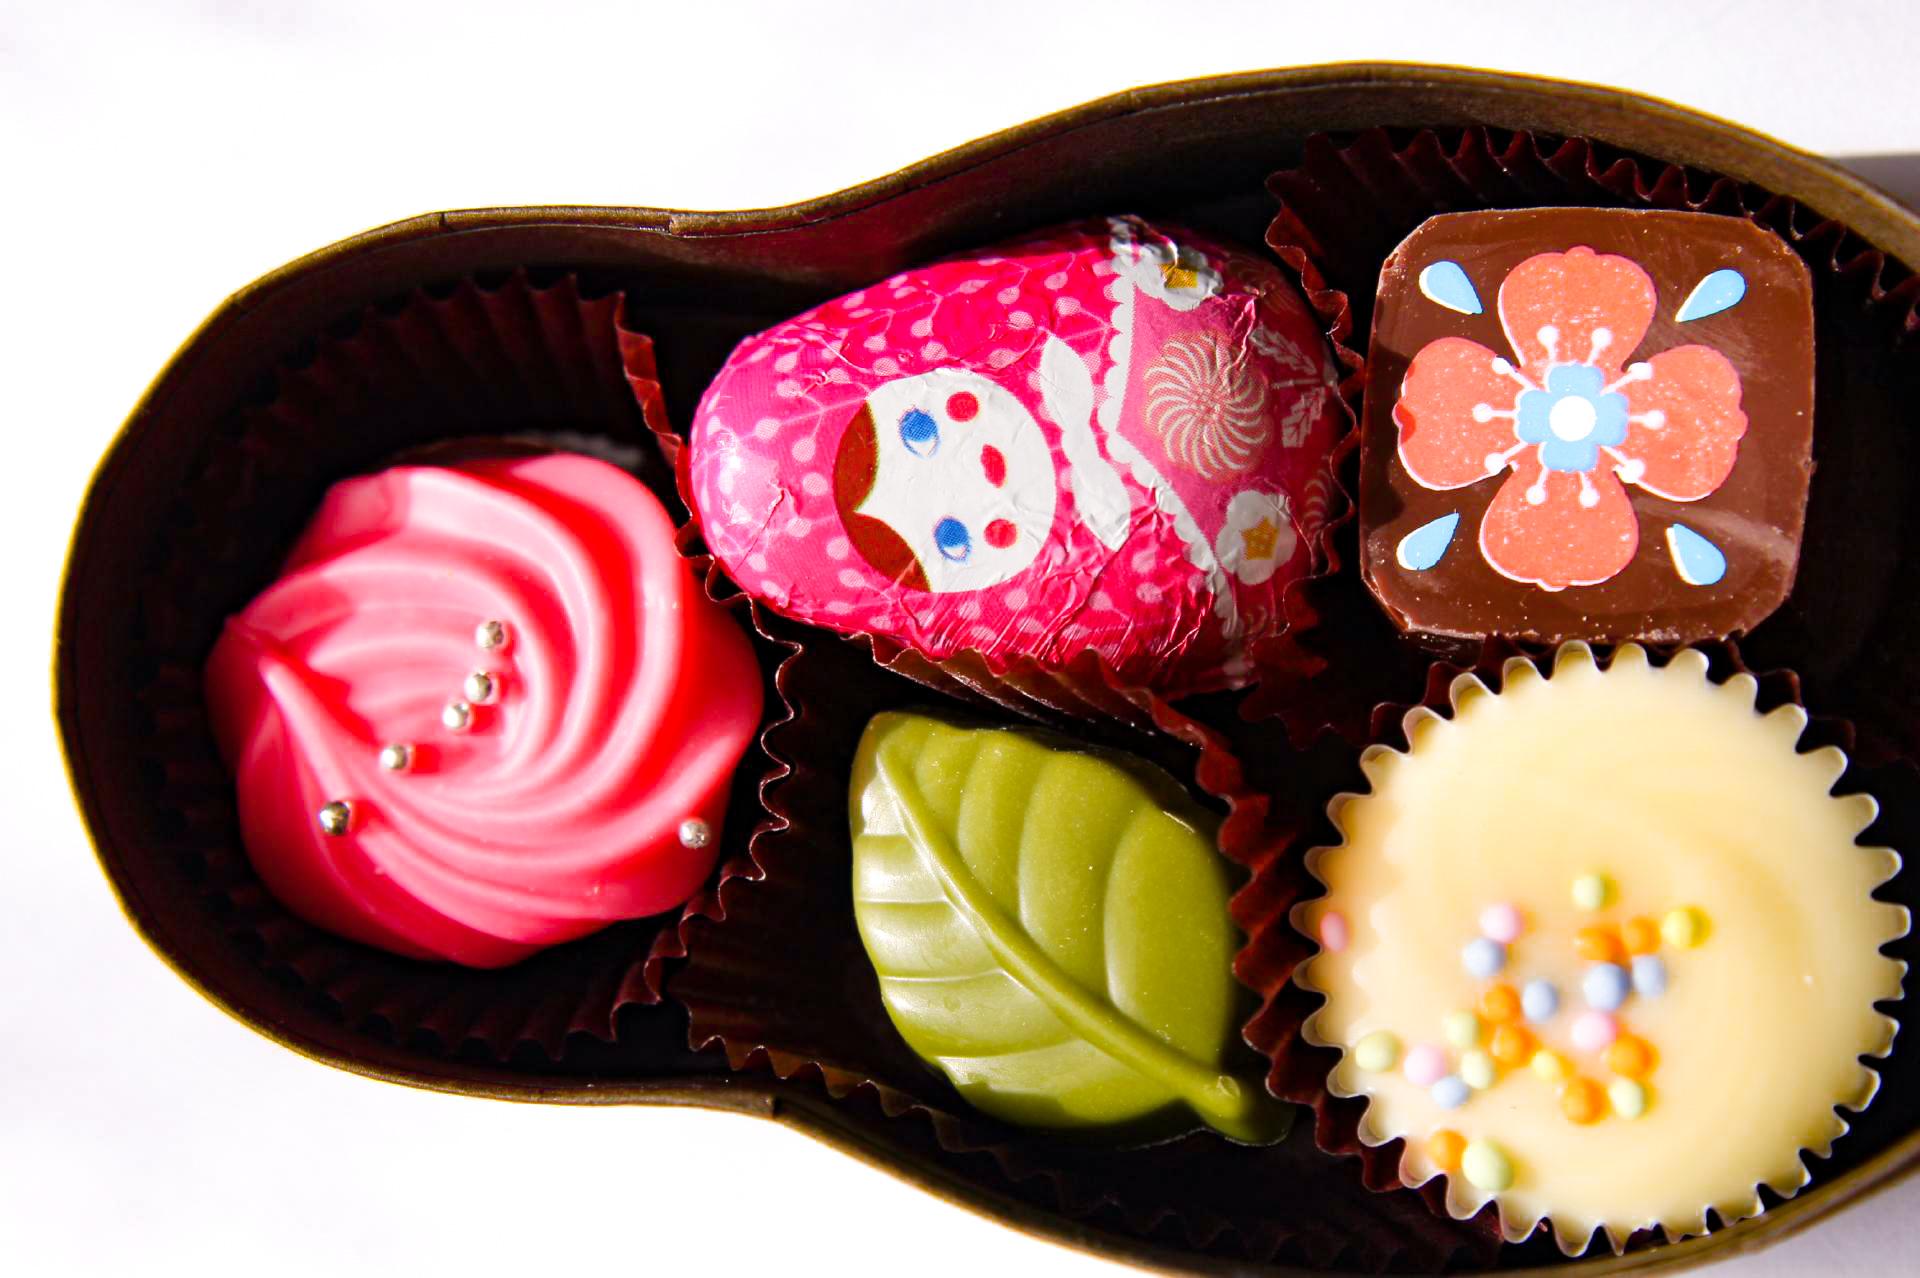 葉っぱの形の緑のチョコレートのお菓子